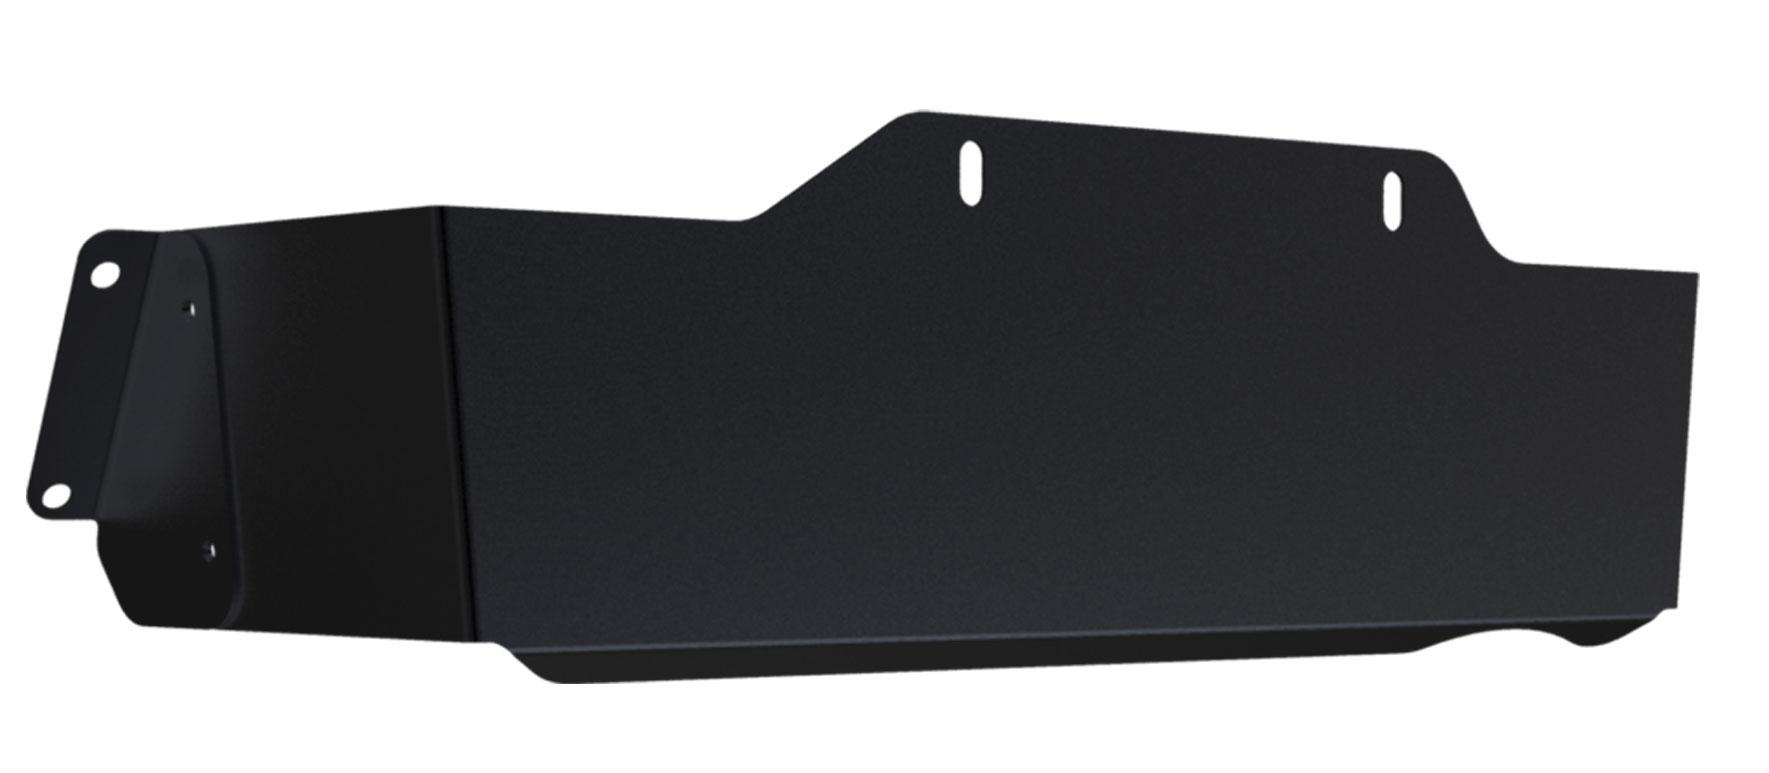 Защита картера Автоброня Nissan Patrol 2004-2010, сталь 2 мм111.04114.1Защита картера Автоброня Nissan Patrol, V - 3,0; 4,8 2004-2010, сталь 2 мм, комплект крепежа, 111.04114.1Дополнительно можно приобрести другие защитные элементы из комплекта: защита рулевых тяг - 111.04115.1, защита КПП - 111.04116.1, защита РК - 111.04117.1Стальные защиты Автоброня надежно защищают ваш автомобиль от повреждений при наезде на бордюры, выступающие канализационные люки, кромки поврежденного асфальта или при ремонте дорог, не говоря уже о загородных дорогах.- Имеют оптимальное соотношение цена-качество.- Спроектированы с учетом особенностей автомобиля, что делает установку удобной.- Защита устанавливается в штатные места кузова автомобиля.- Является надежной защитой для важных элементов на протяжении долгих лет.- Глубокий штамп дополнительно усиливает конструкцию защиты.- Подштамповка в местах крепления защищает крепеж от срезания.- Технологические отверстия там, где они необходимы для смены масла и слива воды, оборудованные заглушками, закрепленными на защите.Толщина стали 2 мм.В комплекте крепеж и инструкция по установке.Уважаемые клиенты!Обращаем ваше внимание на тот факт, что защита имеет форму, соответствующую модели данного автомобиля. Наличие глубокого штампа и лючков для смены фильтров/масла предусмотрено не на всех защитах. Фото служит для визуального восприятия товара.